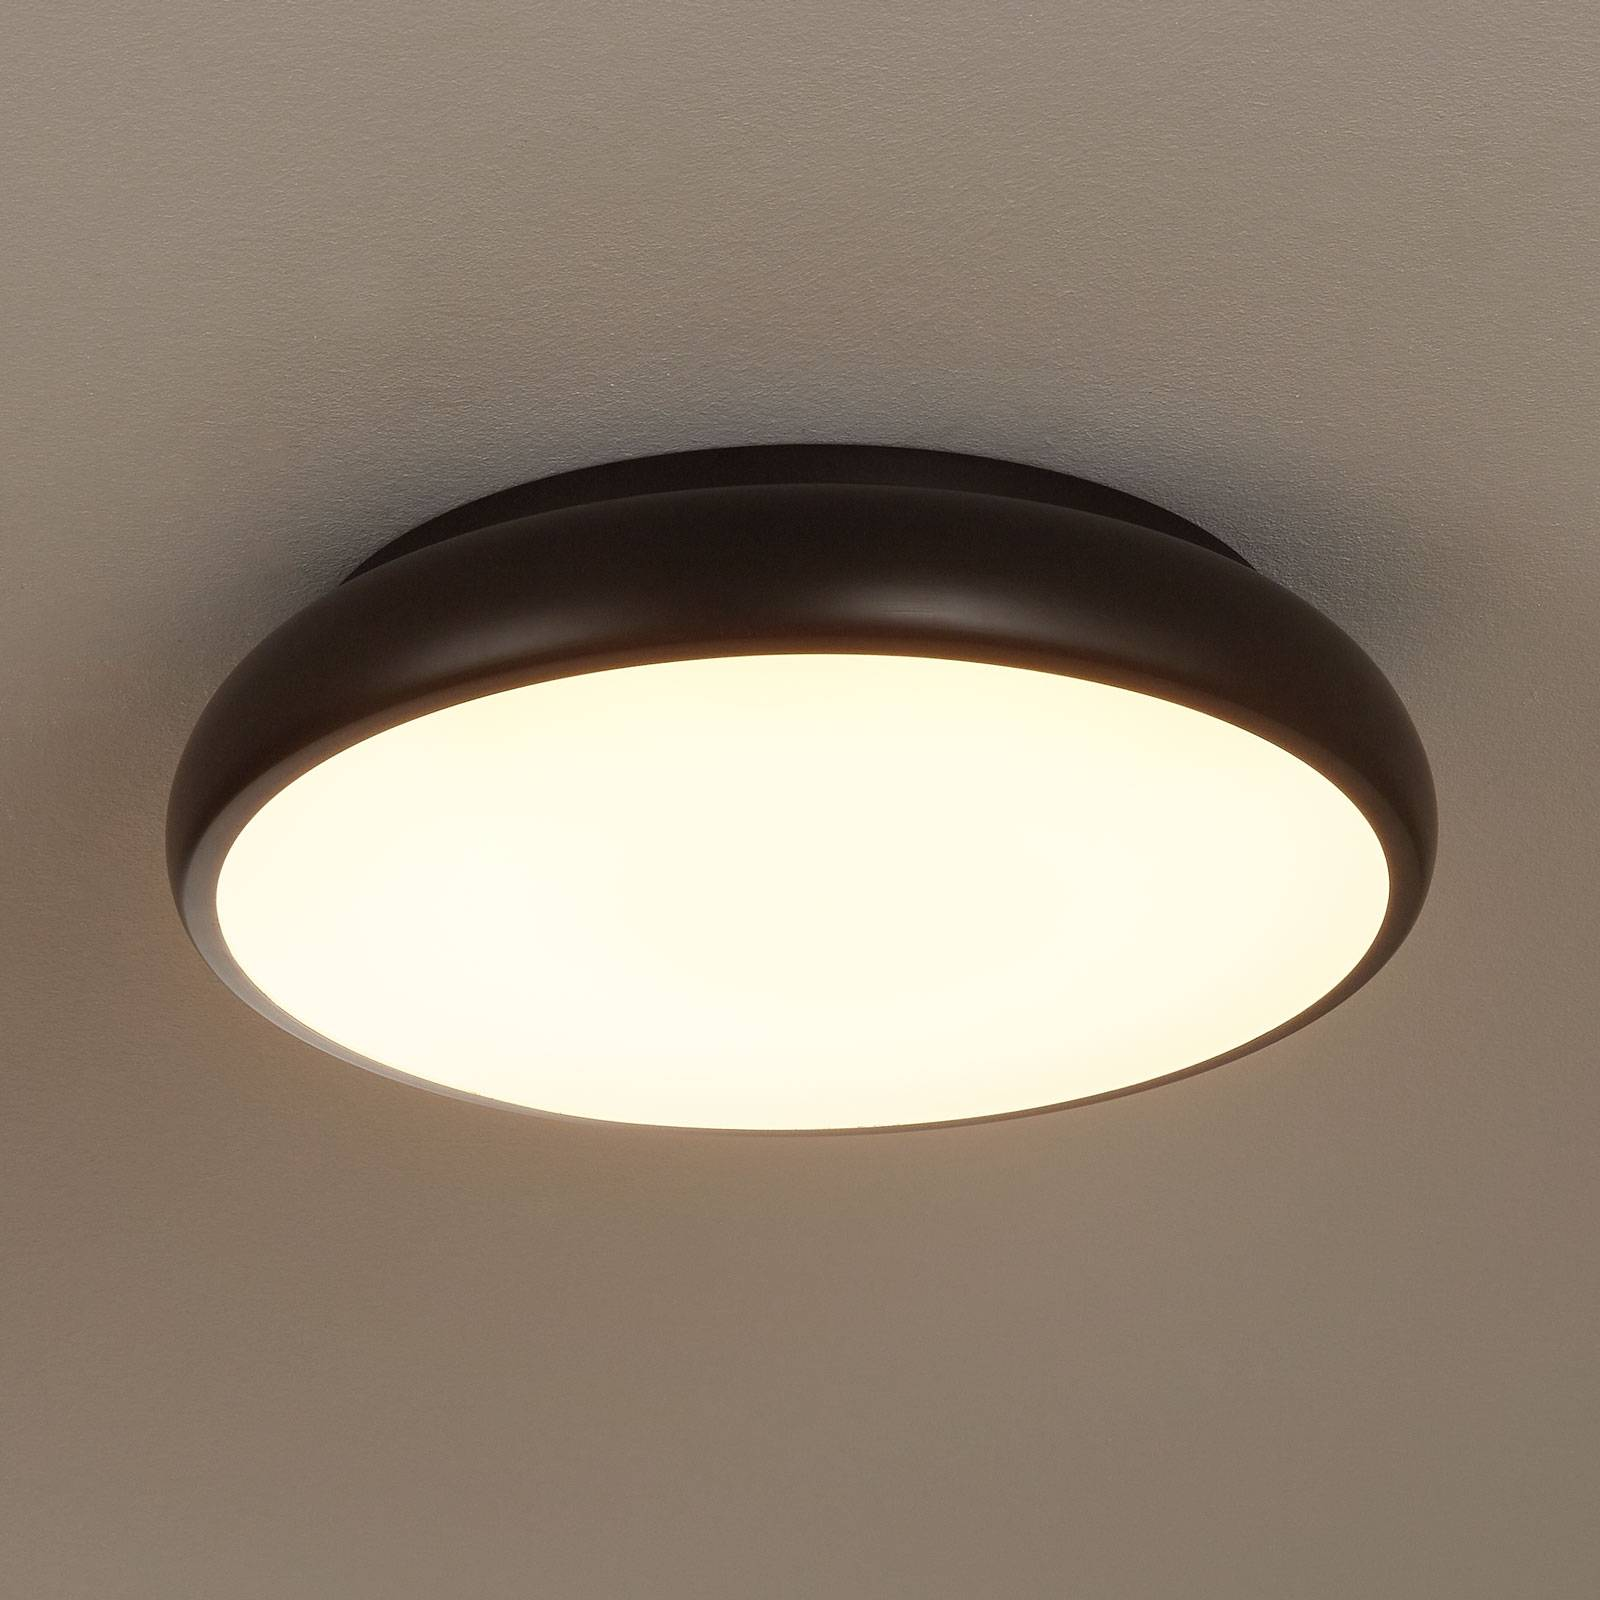 EGLO connect Riodeva-C LED-Deckenleuchte schwarz